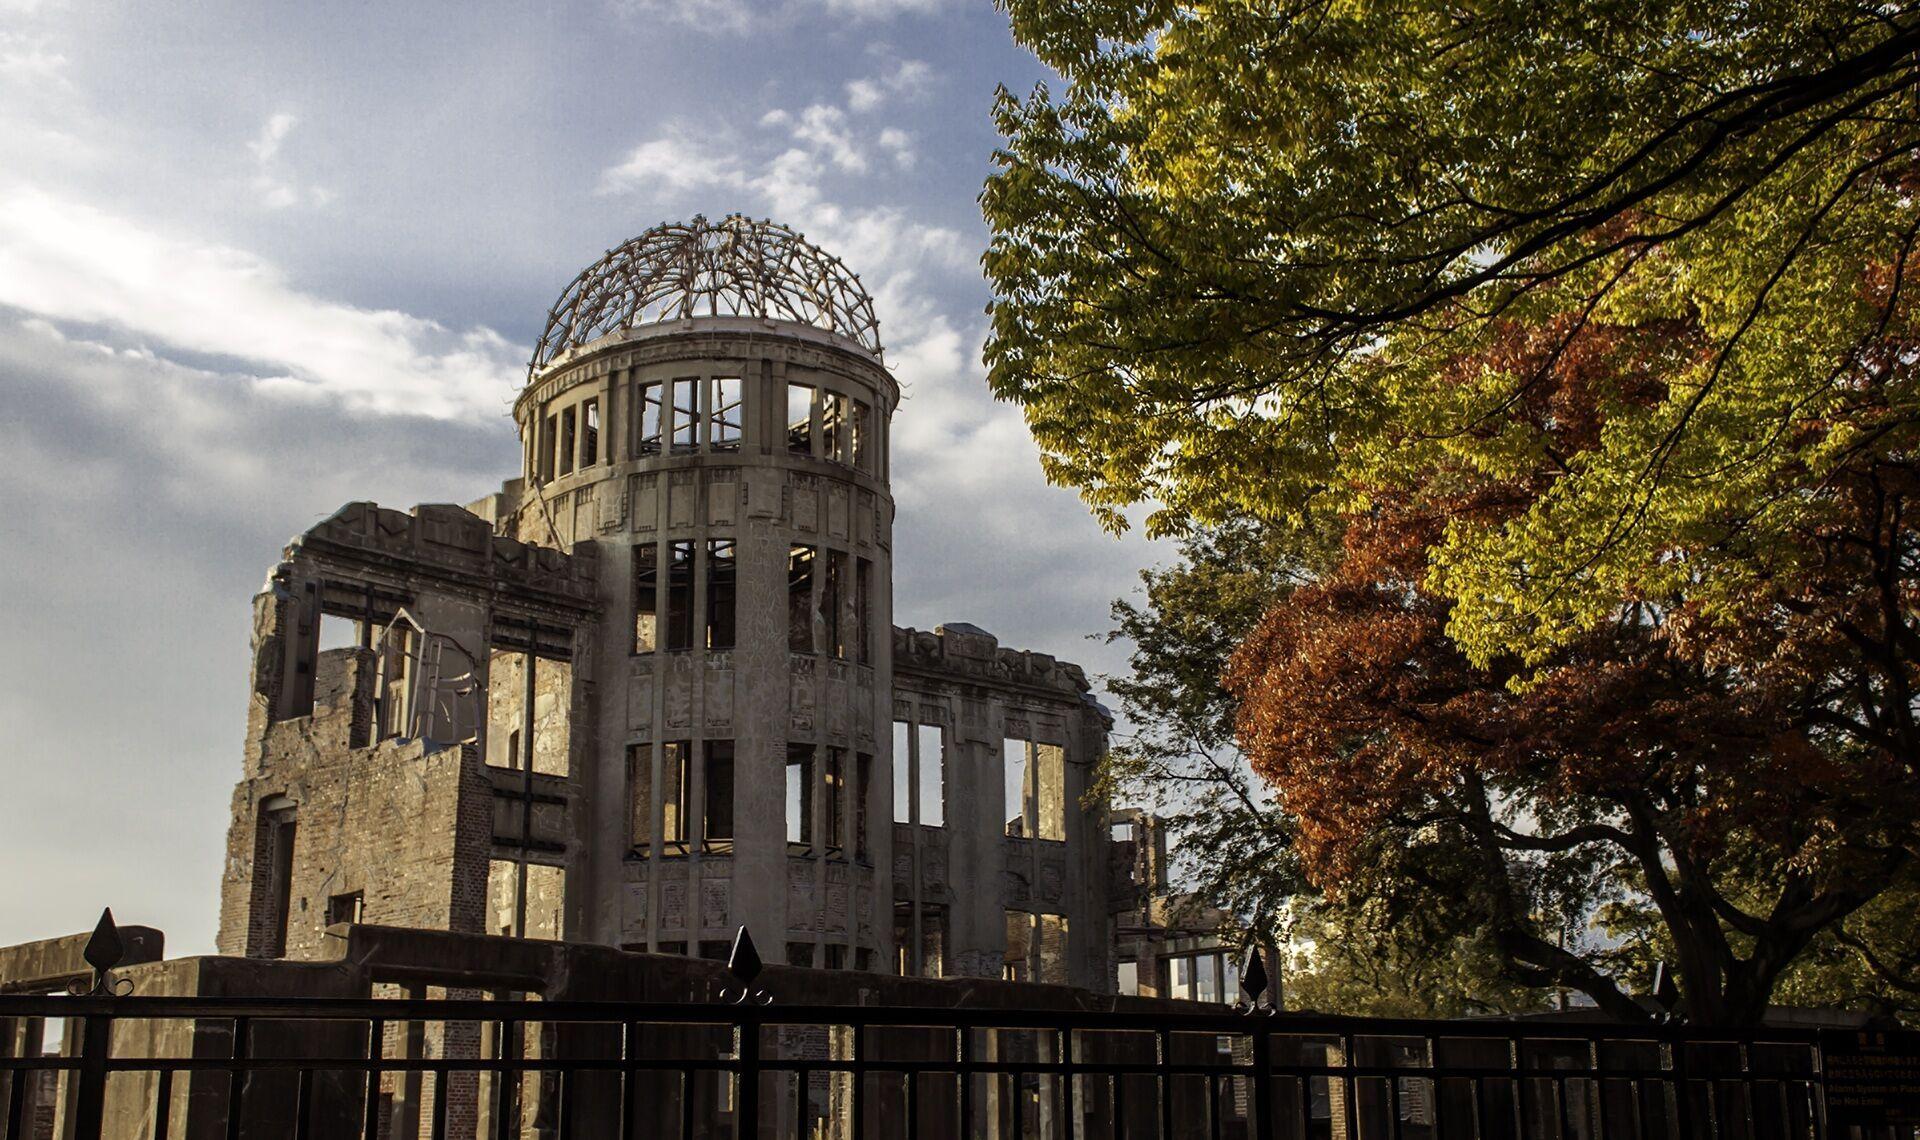 Знаменитий Купол Гембаку, який до Другої світової війни був Виставковим центром торгово-промислової палати Хіросіми